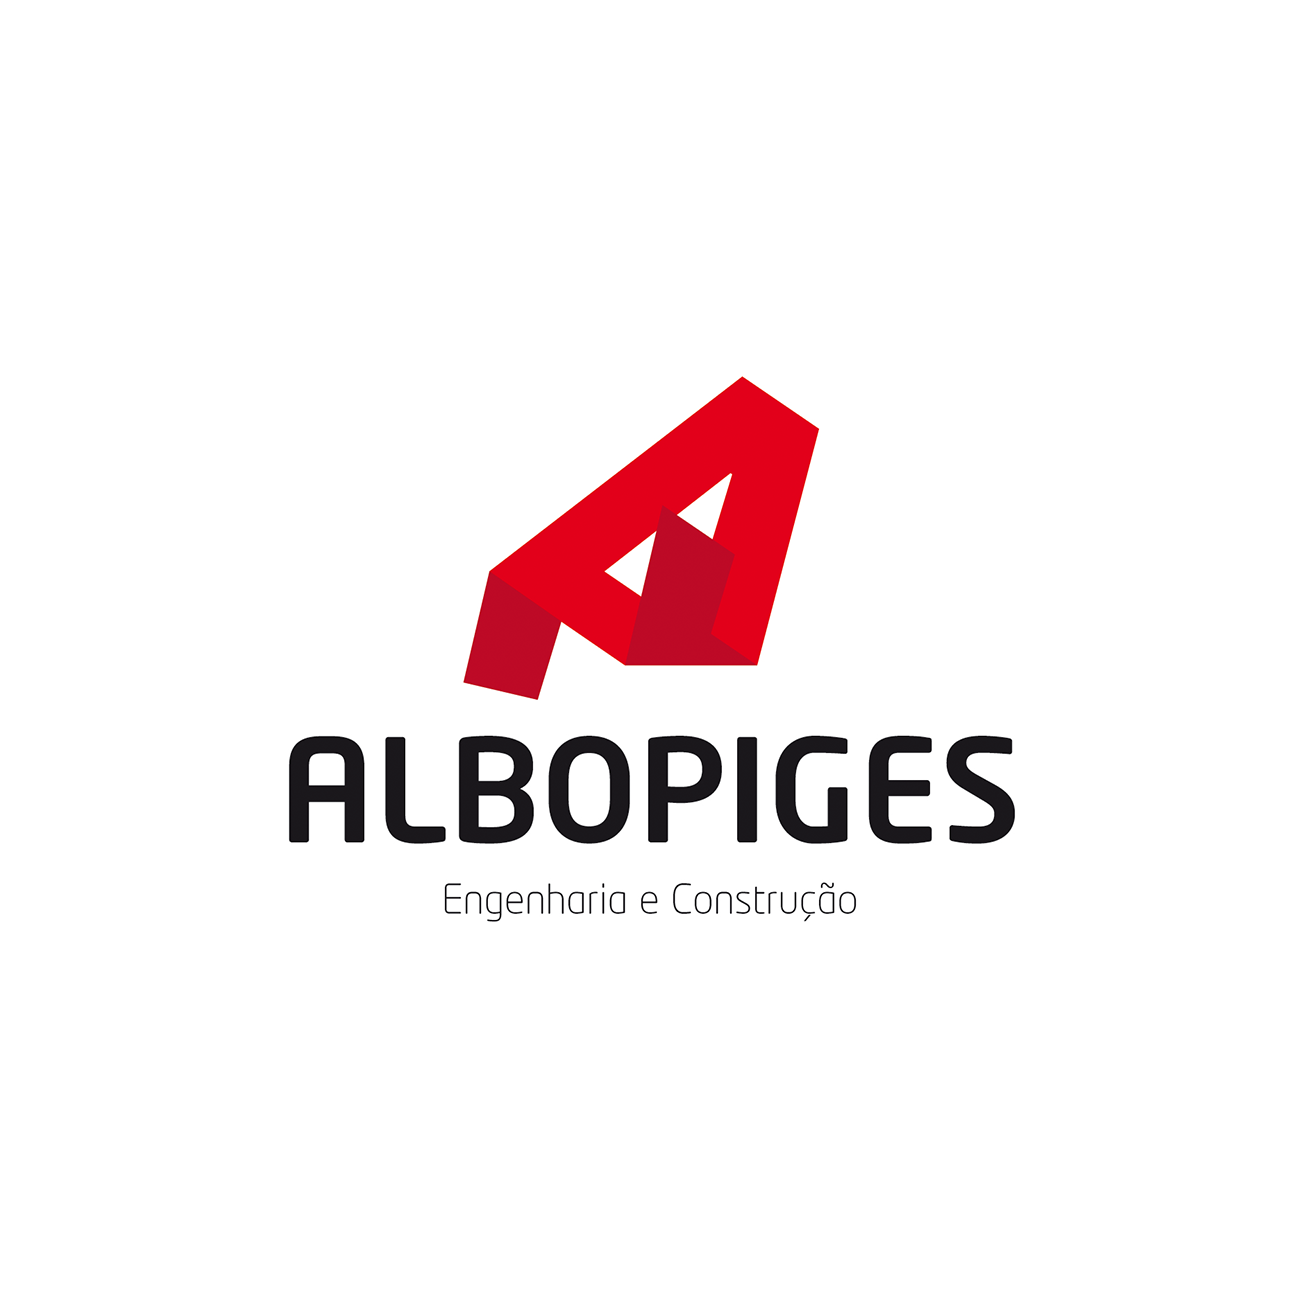 Logotipo albopiges engenharia e construção